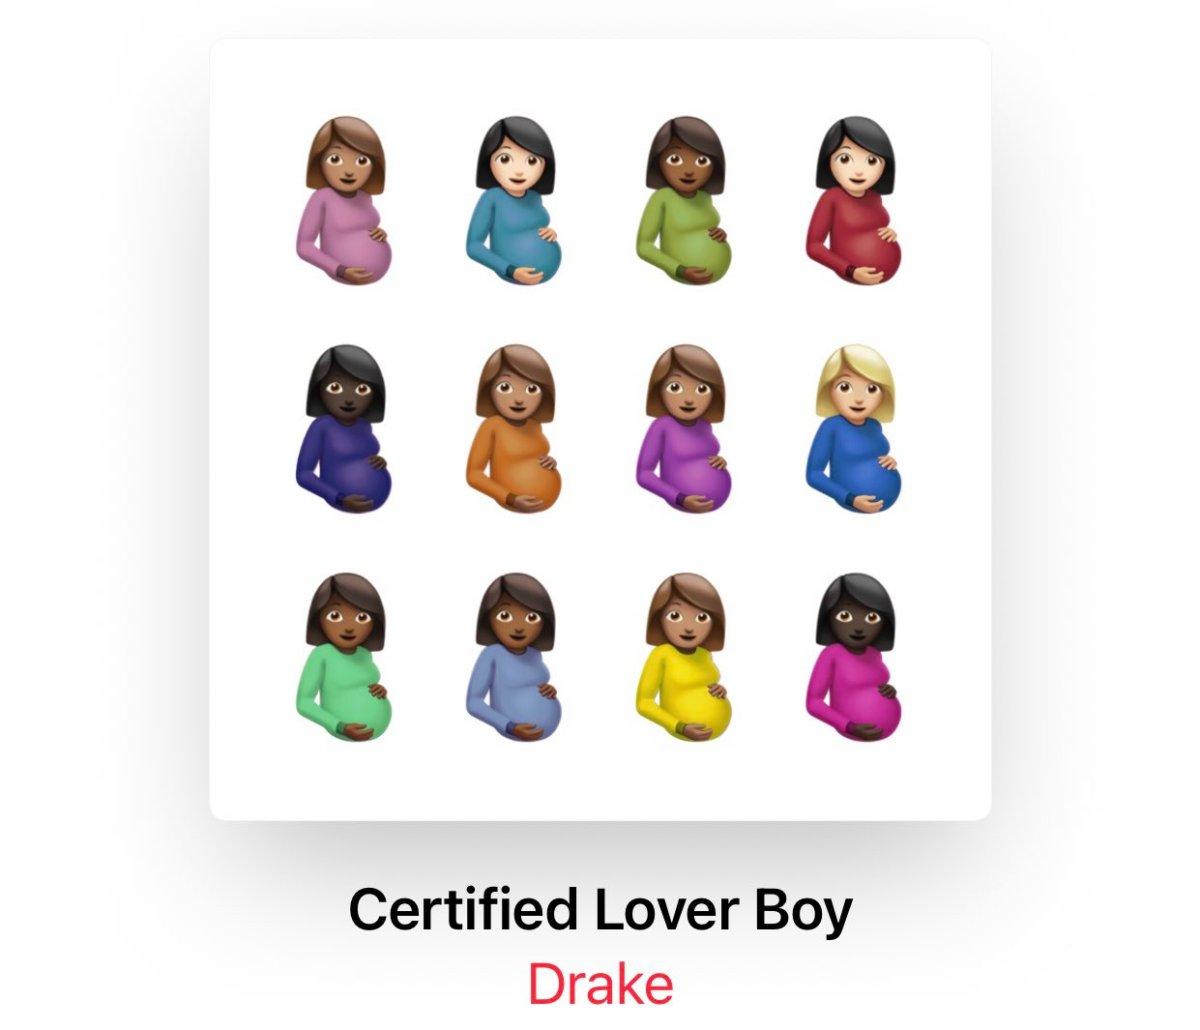 Certified Lover Boy